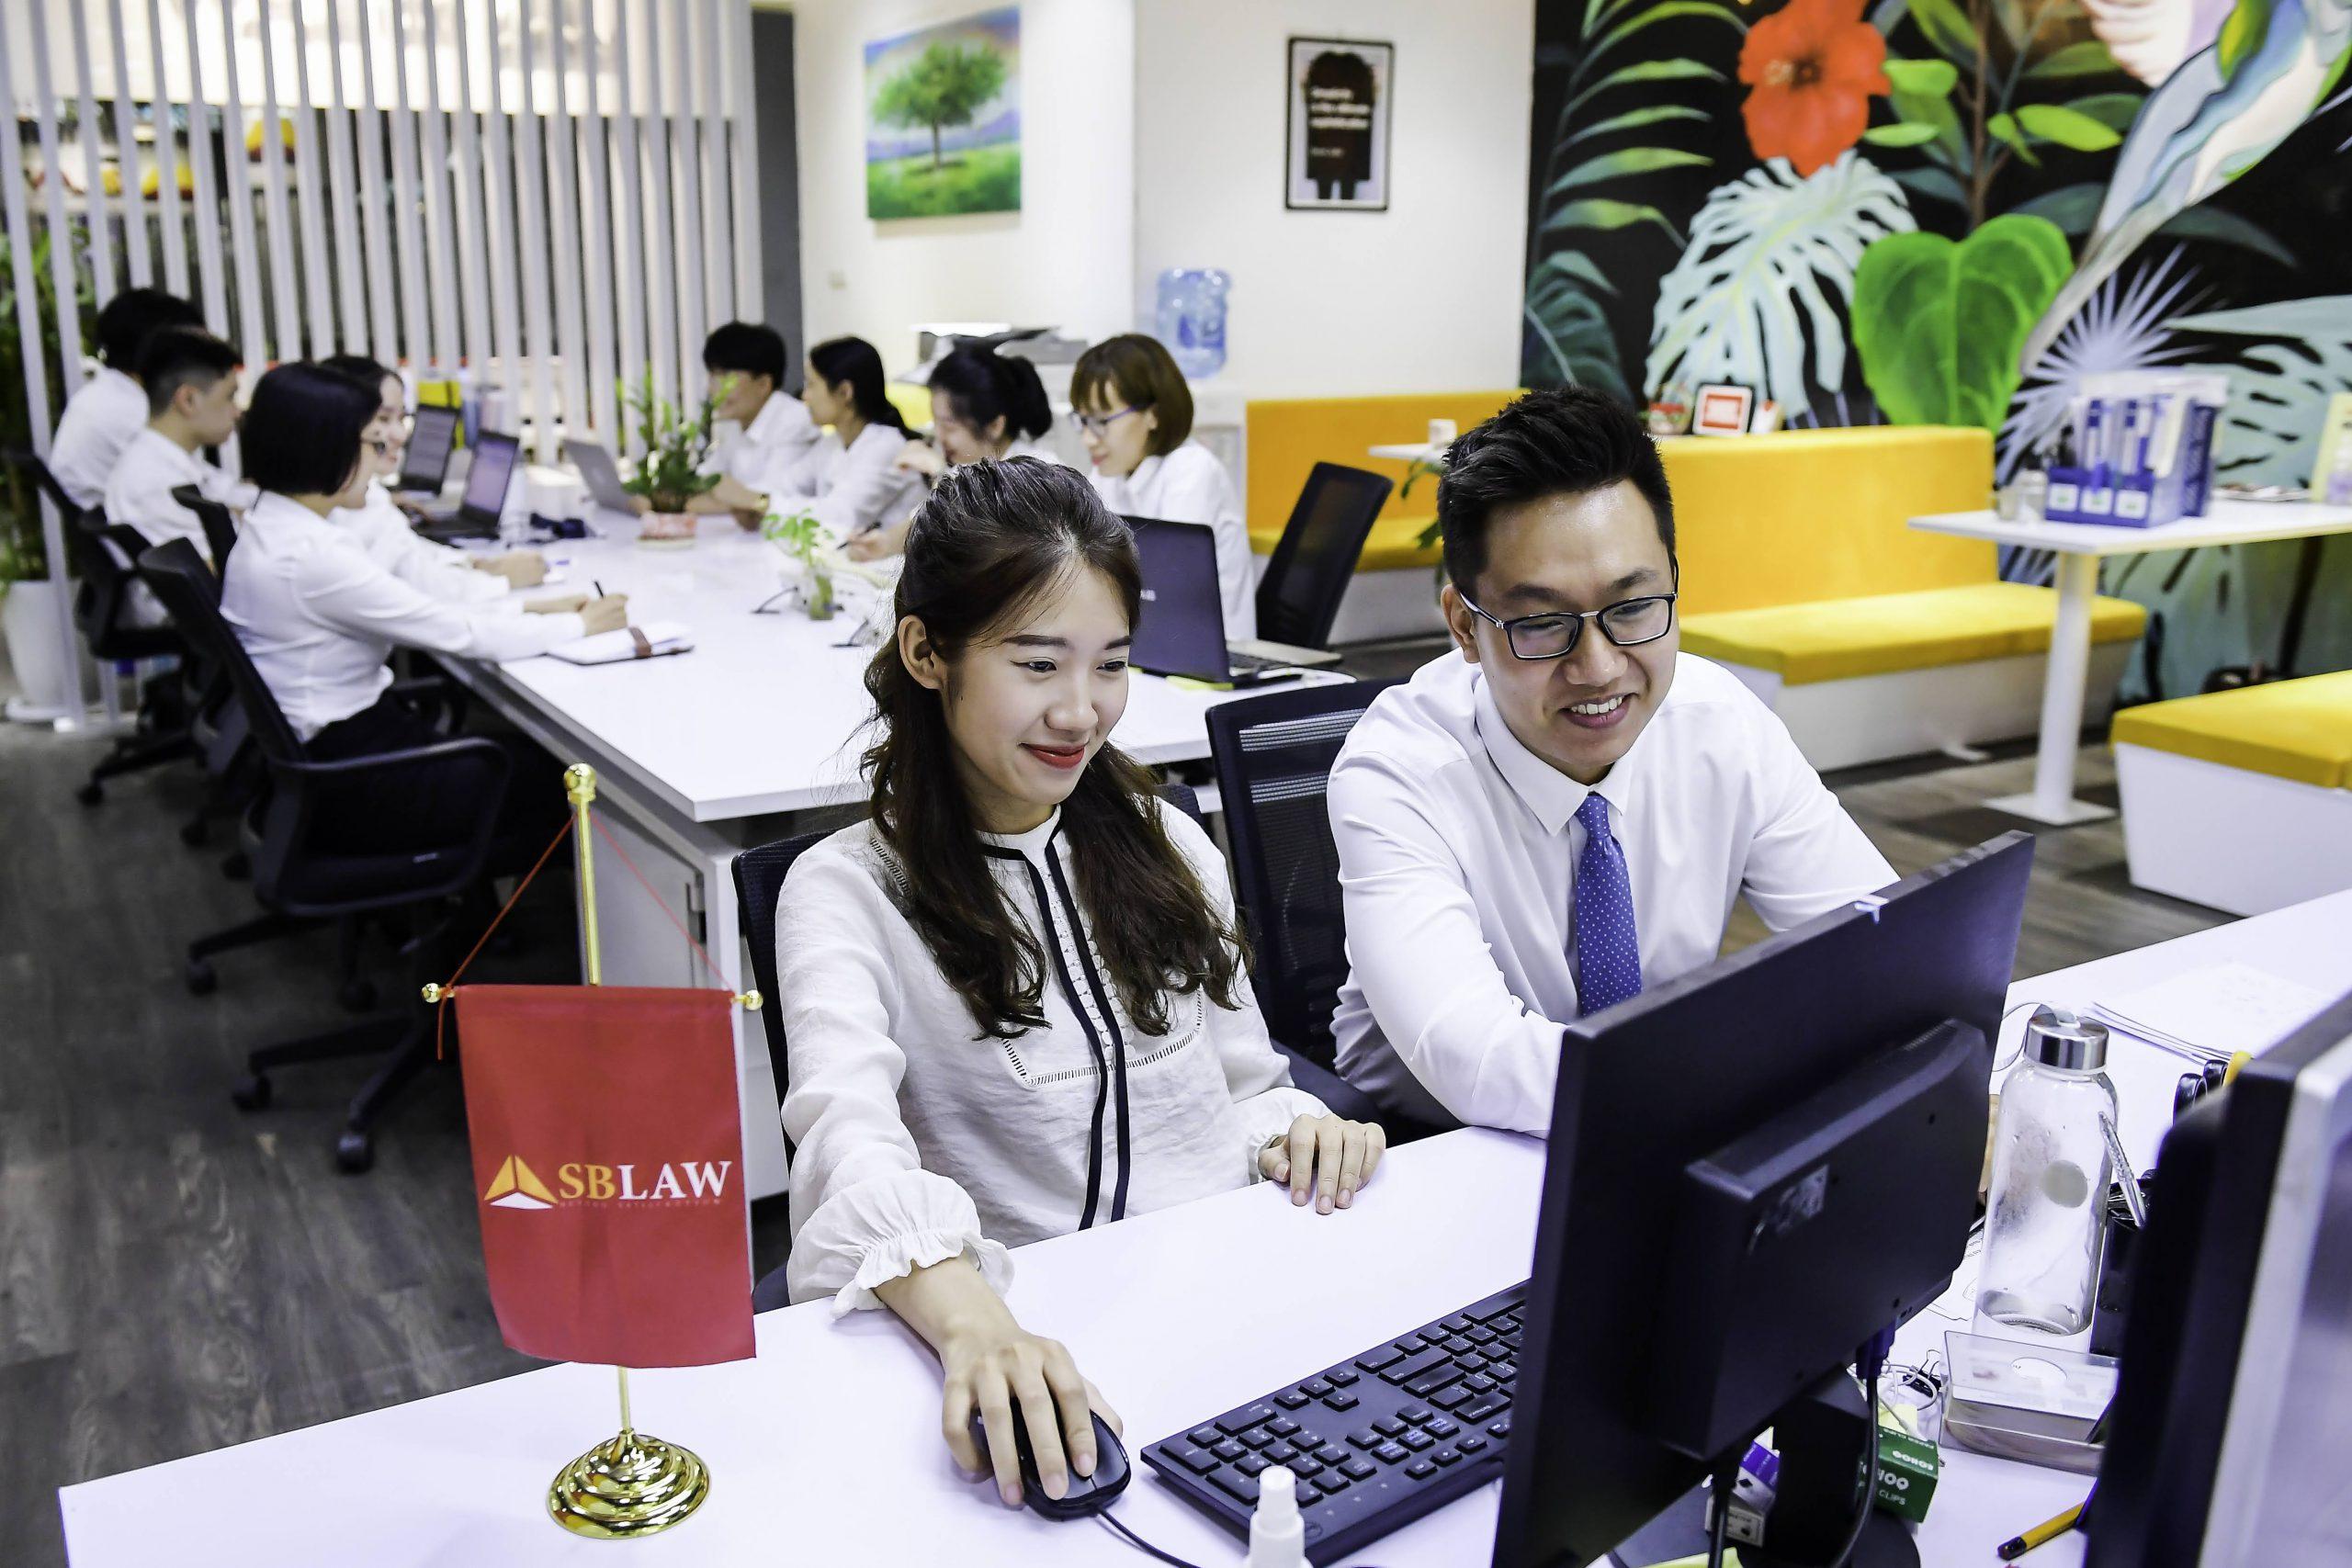 Hỏi về luật lao động cho người nước ngoài làm việc tại Việt Nam